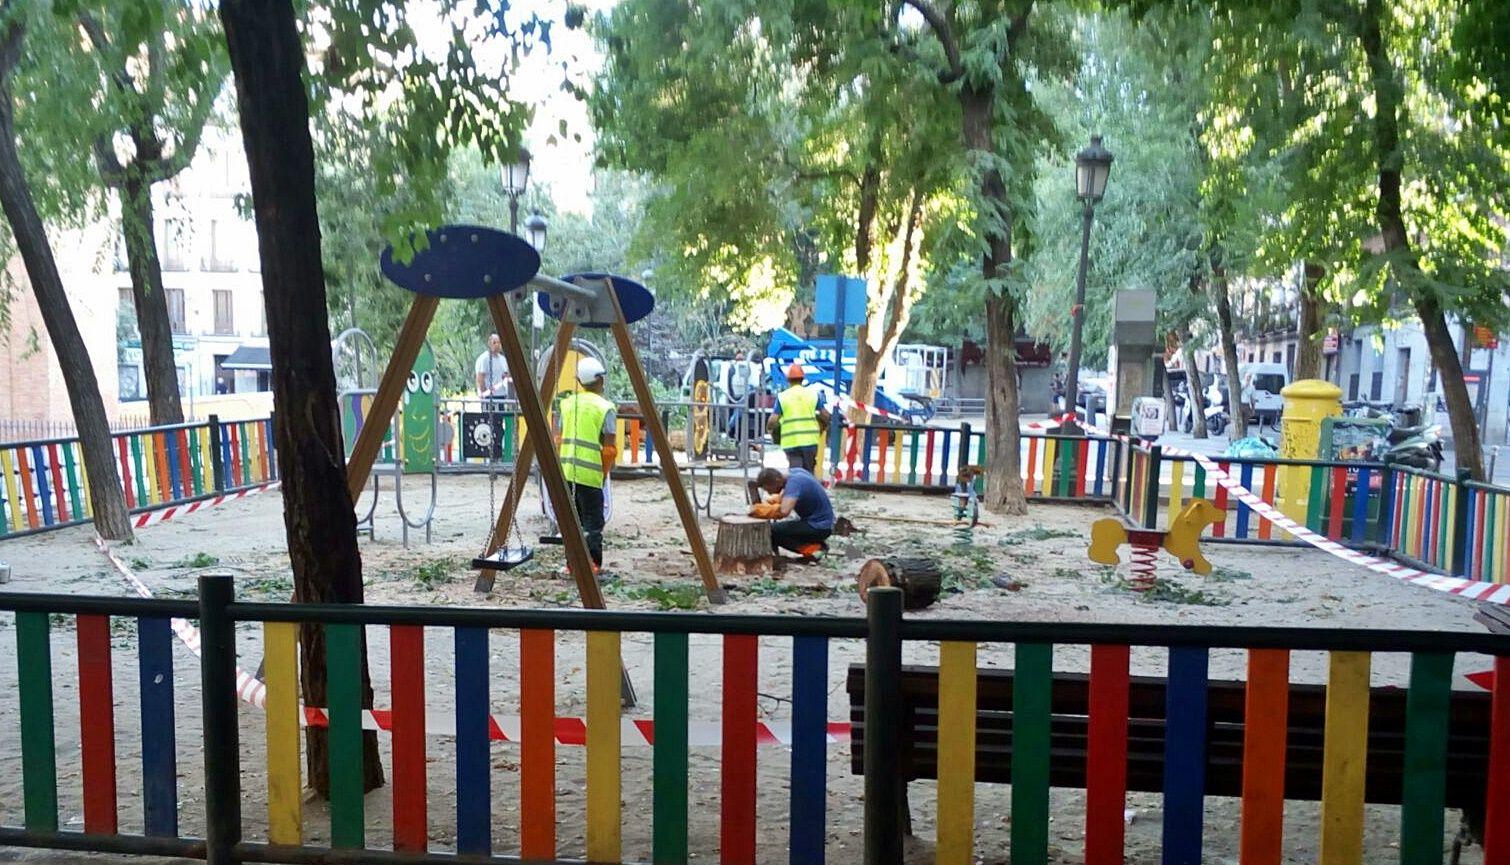 Restos del árbol serrado en el parque infantil | L.L.